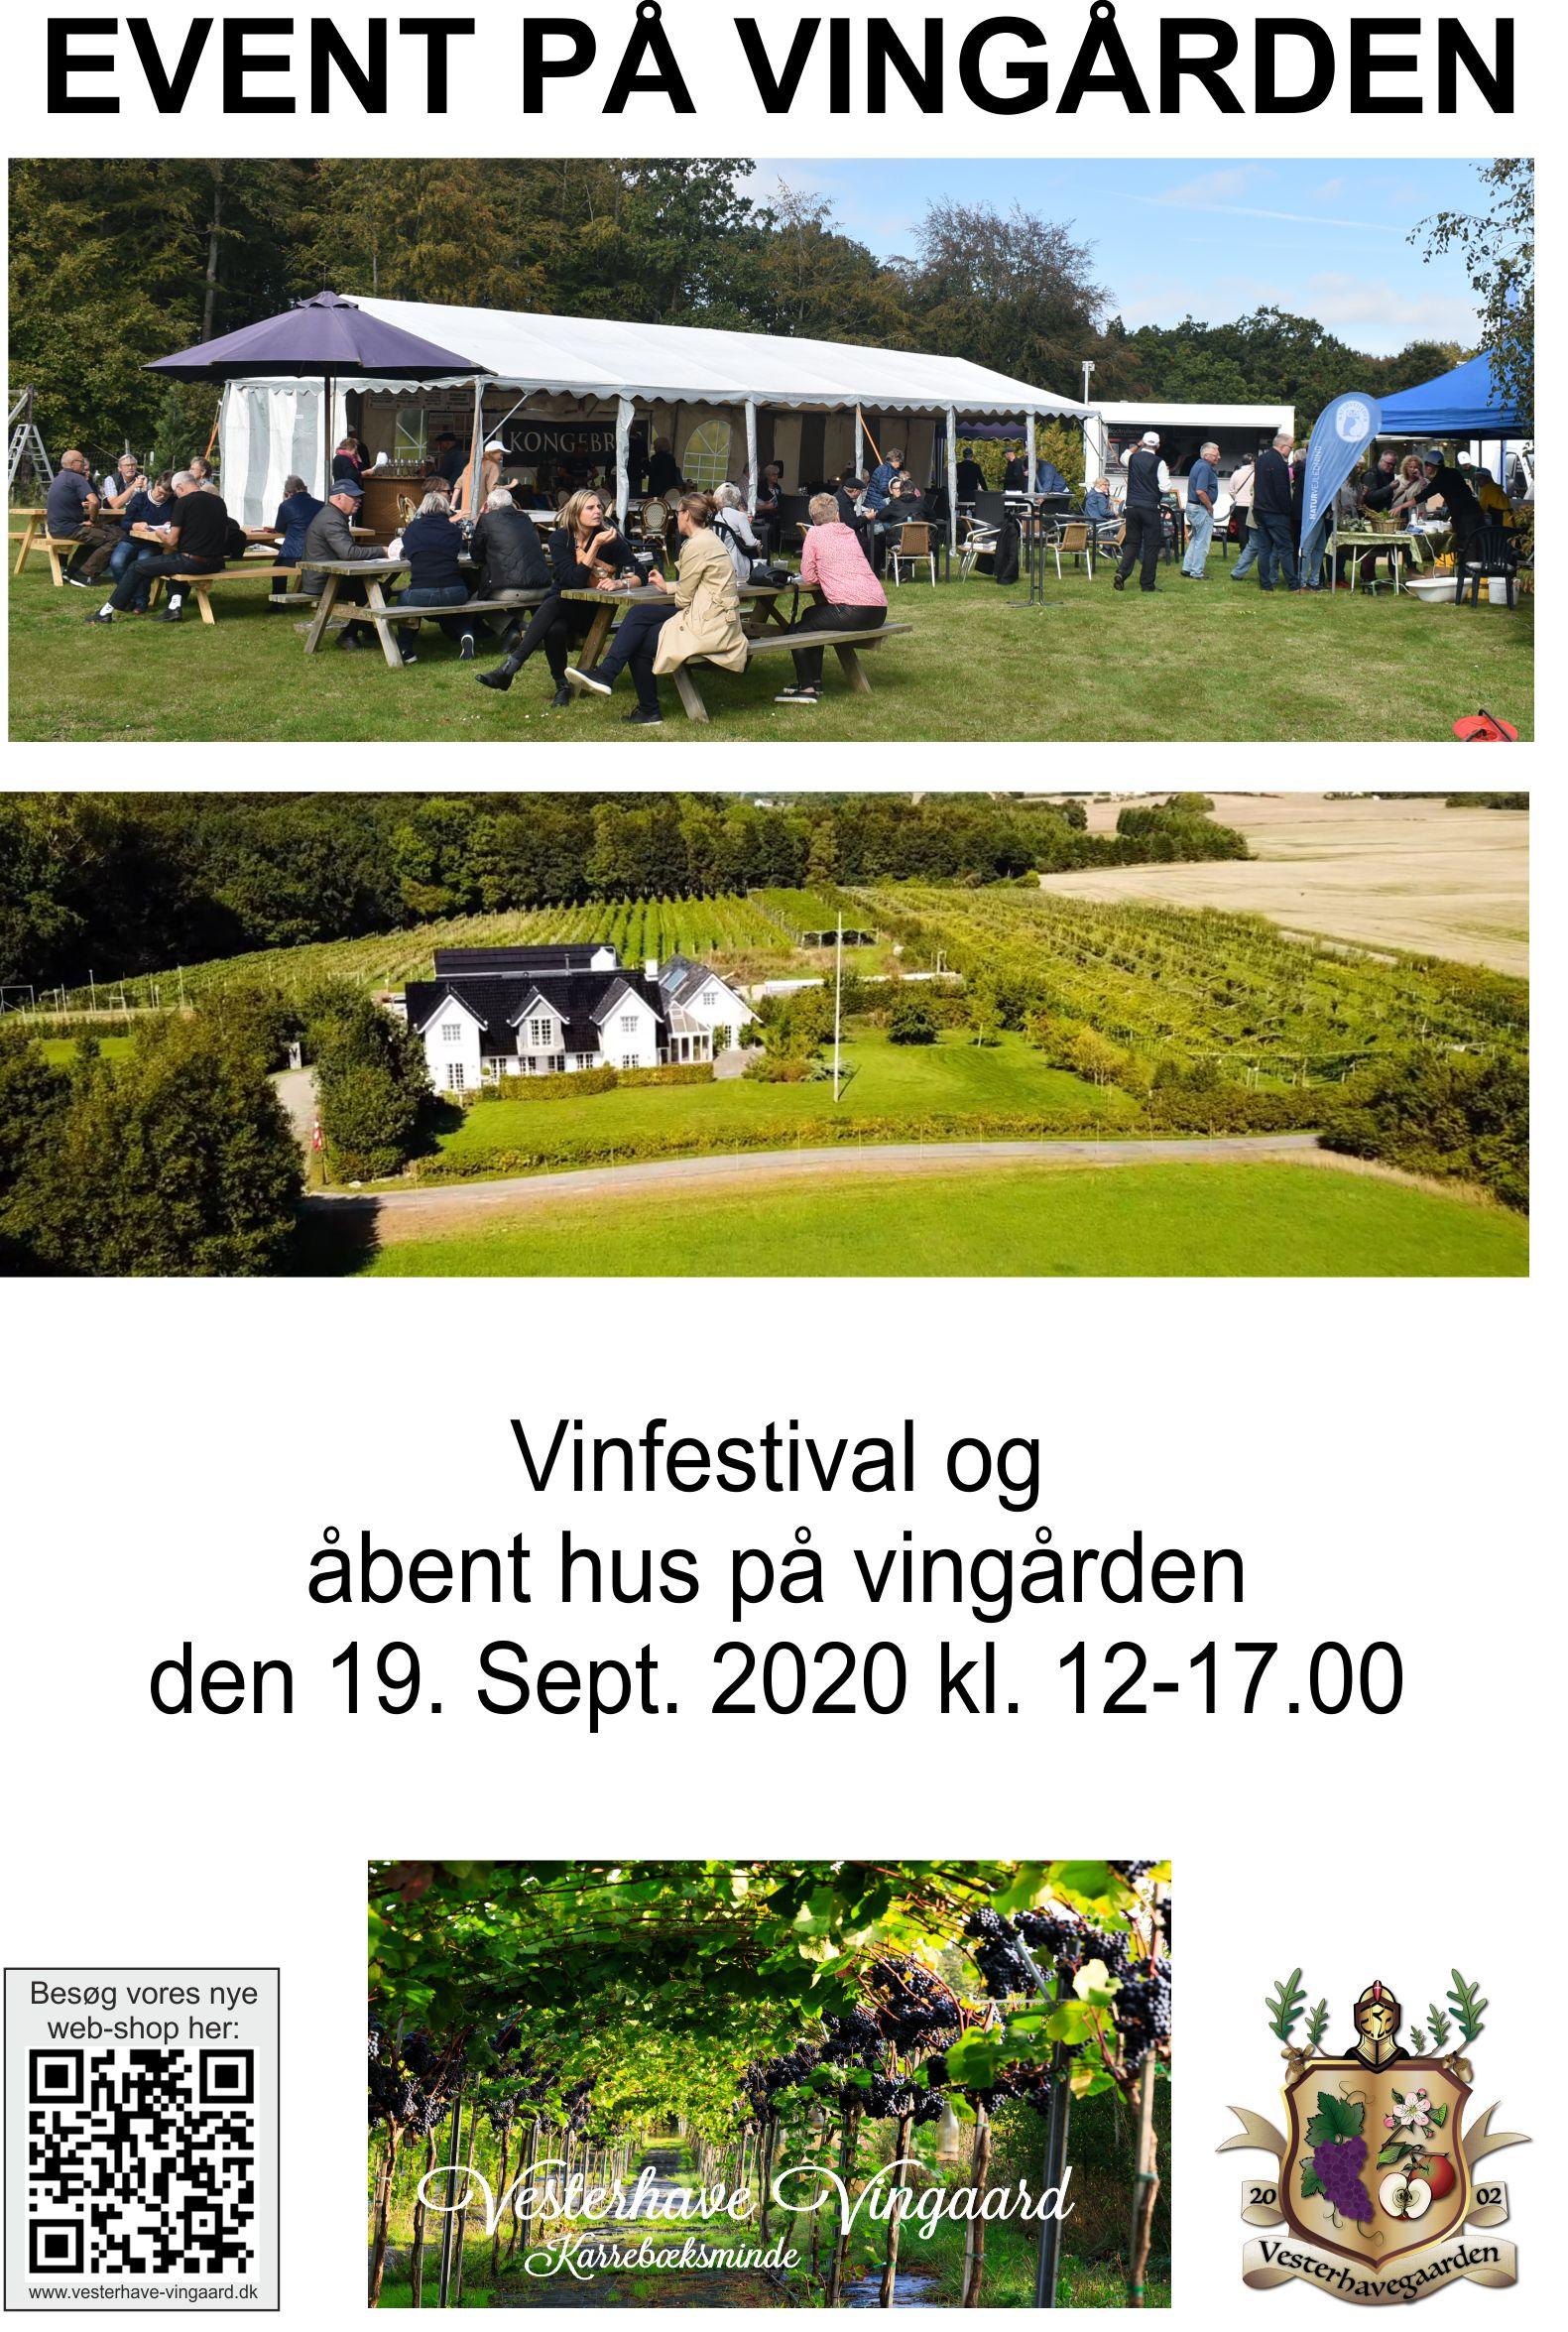 BORD reservation til Vinfestival 19.sept 2020